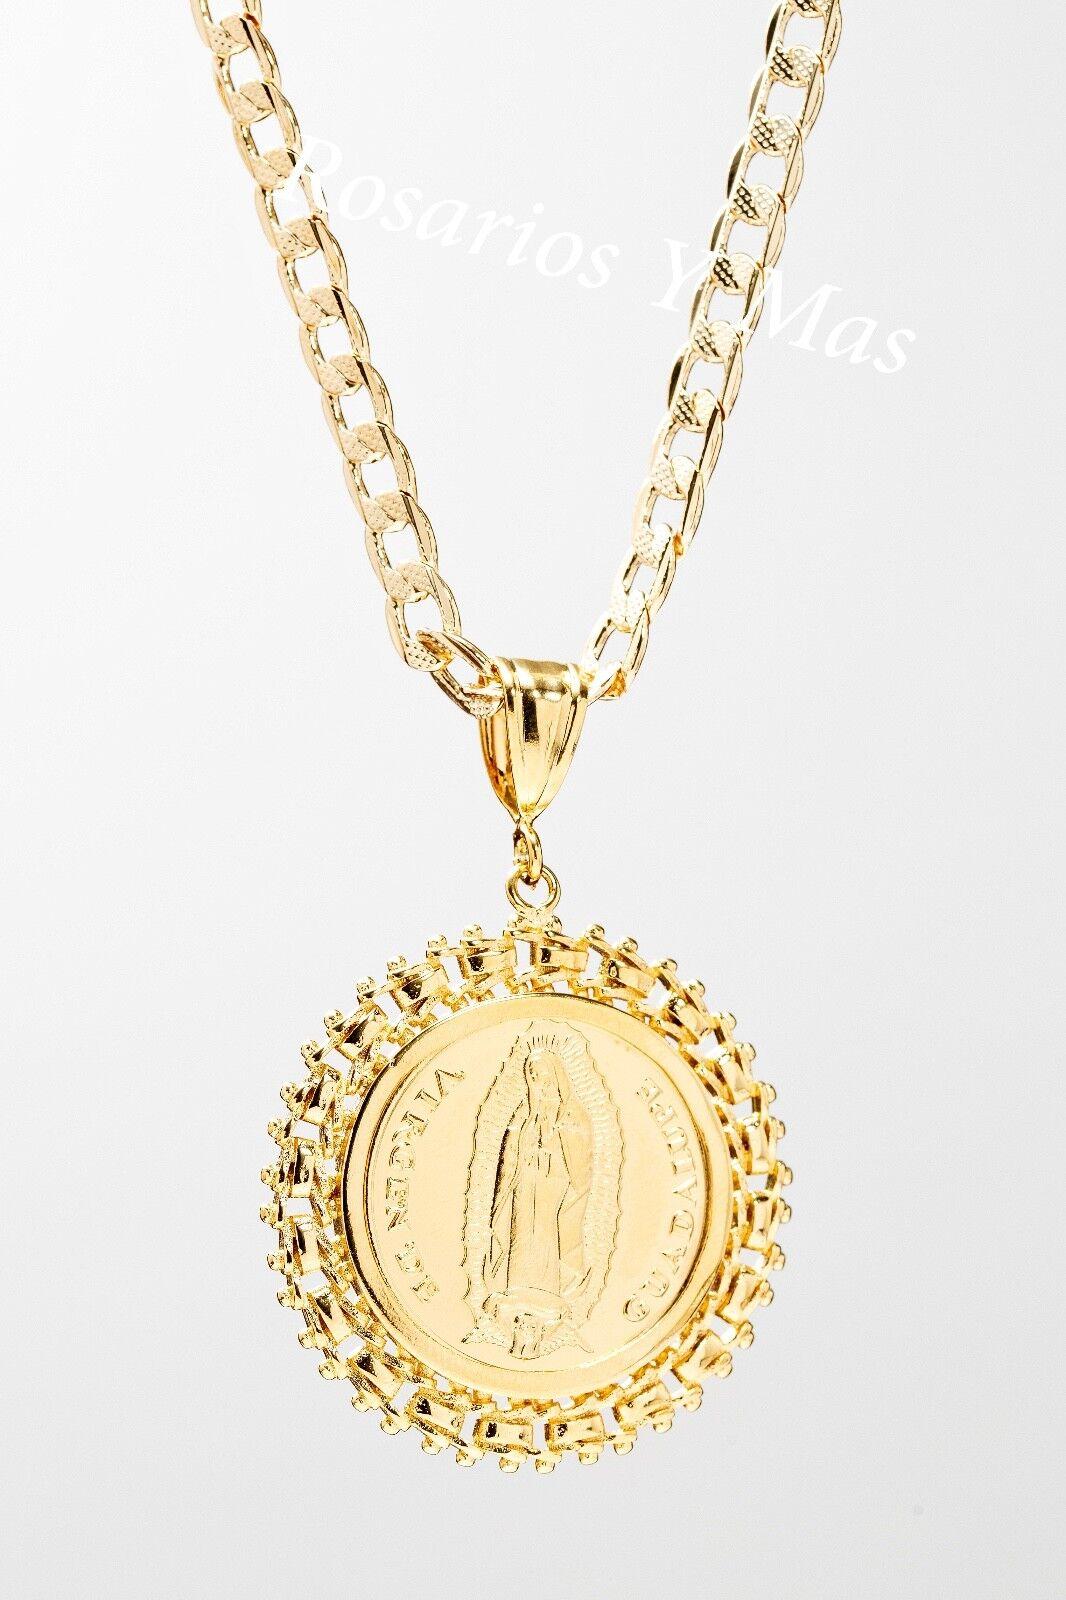 Virgen De Guadalupe y Veinte Pesos Centenario Medalla y Cadena gold Laminado .